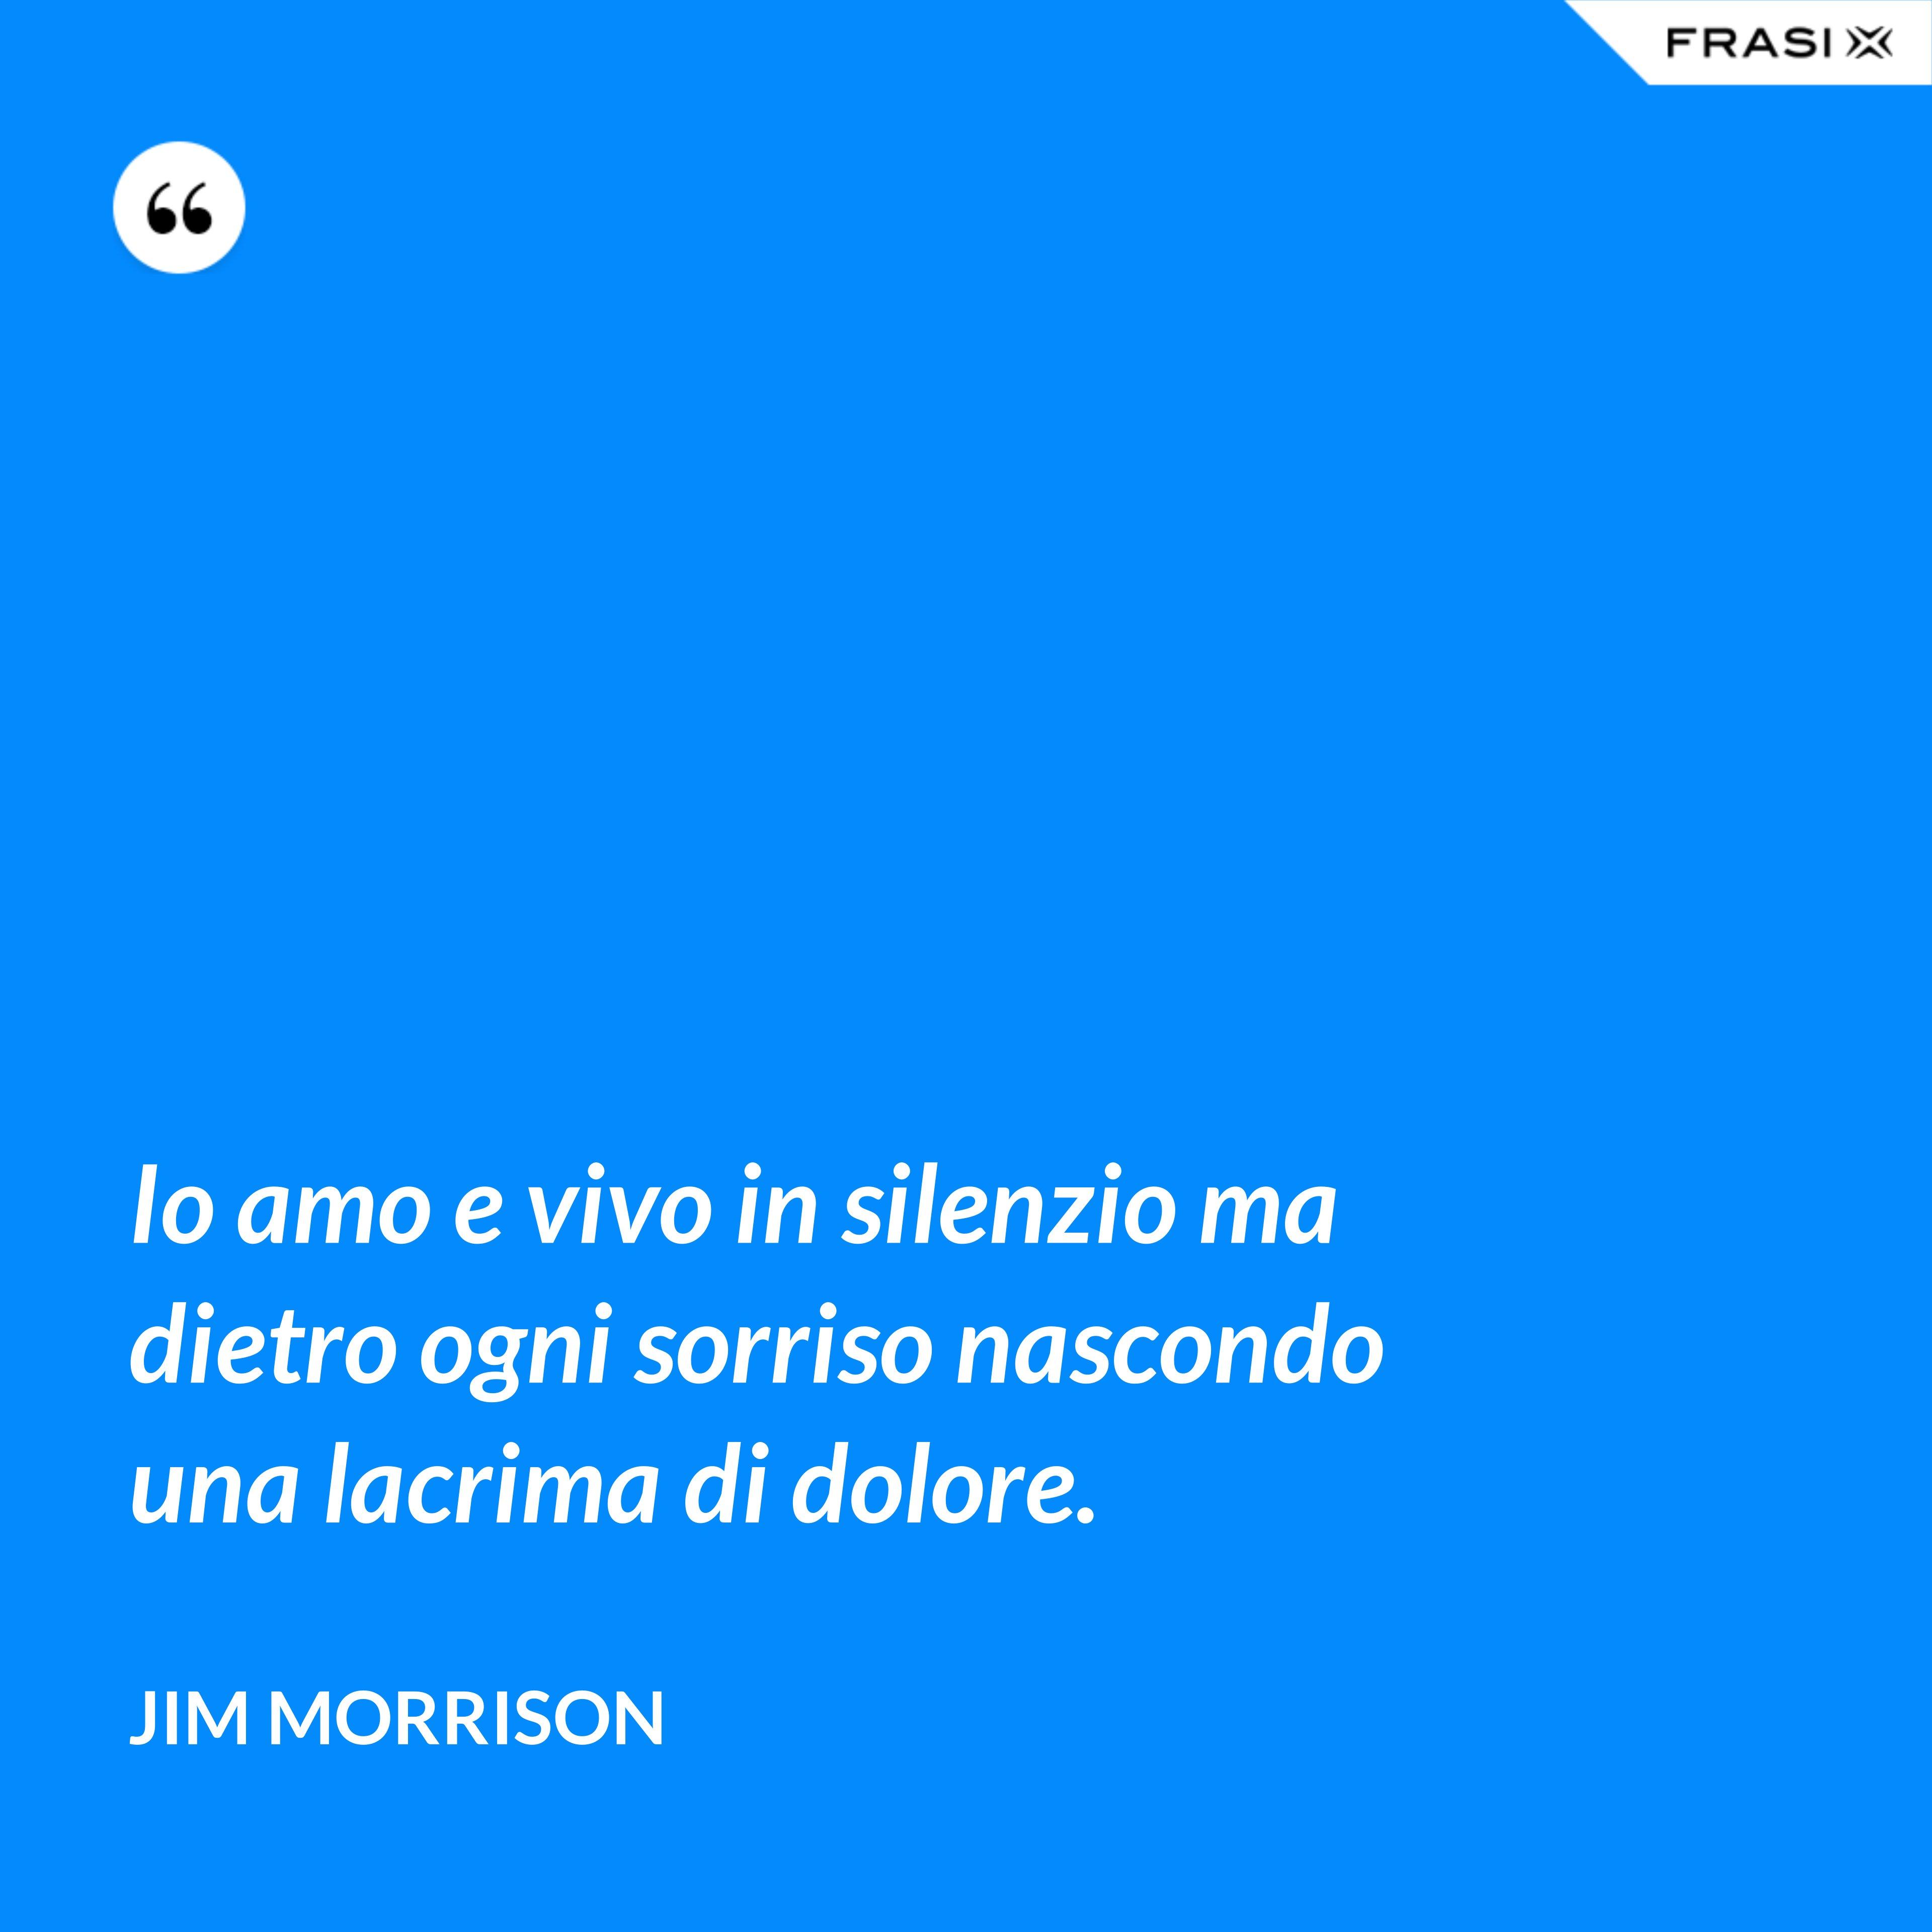 Io amo e vivo in silenzio ma dietro ogni sorriso nascondo una lacrima di dolore. - Jim Morrison